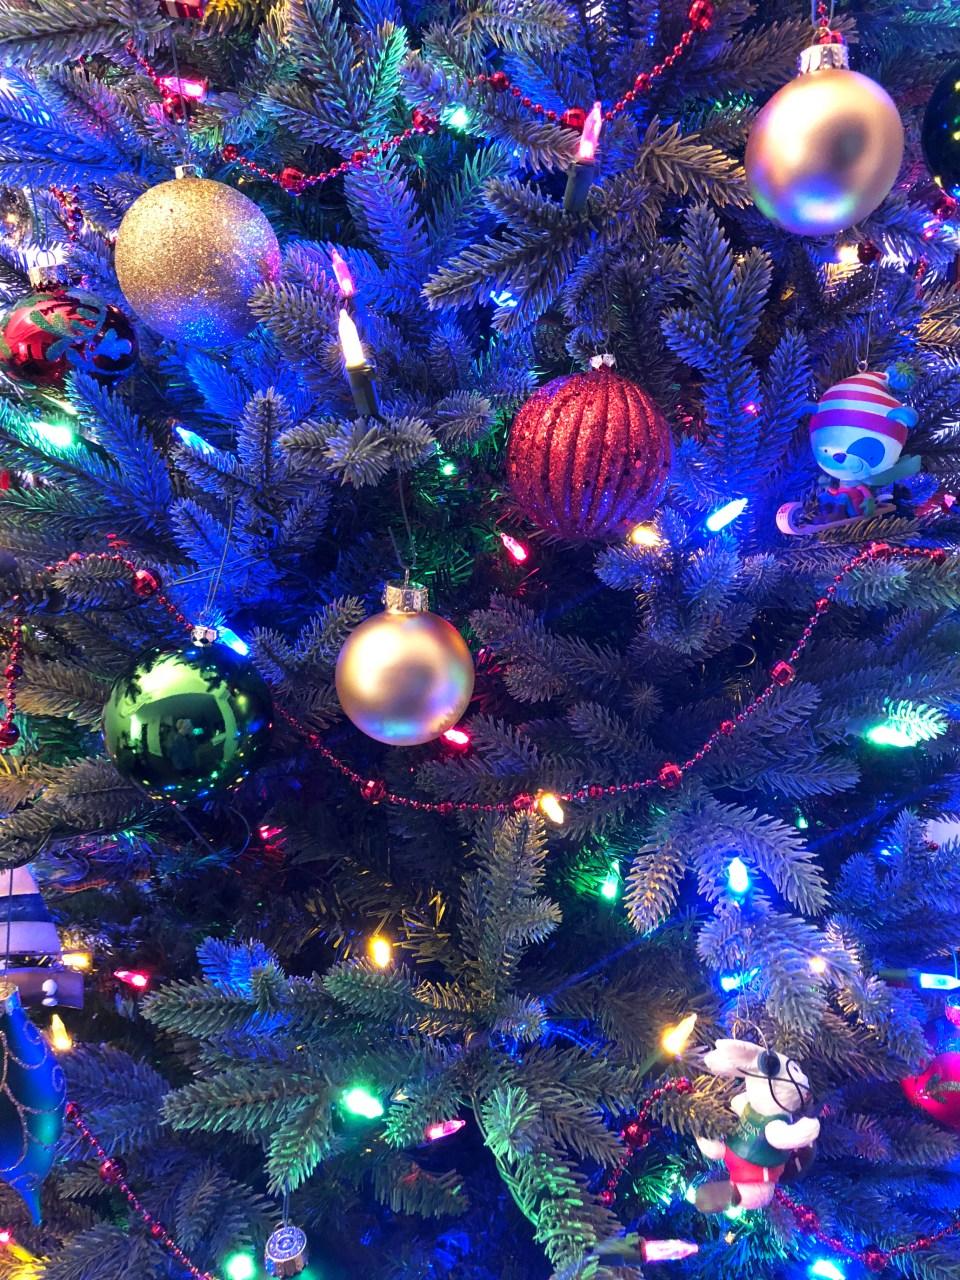 Christmas Tree - Nighttime 8